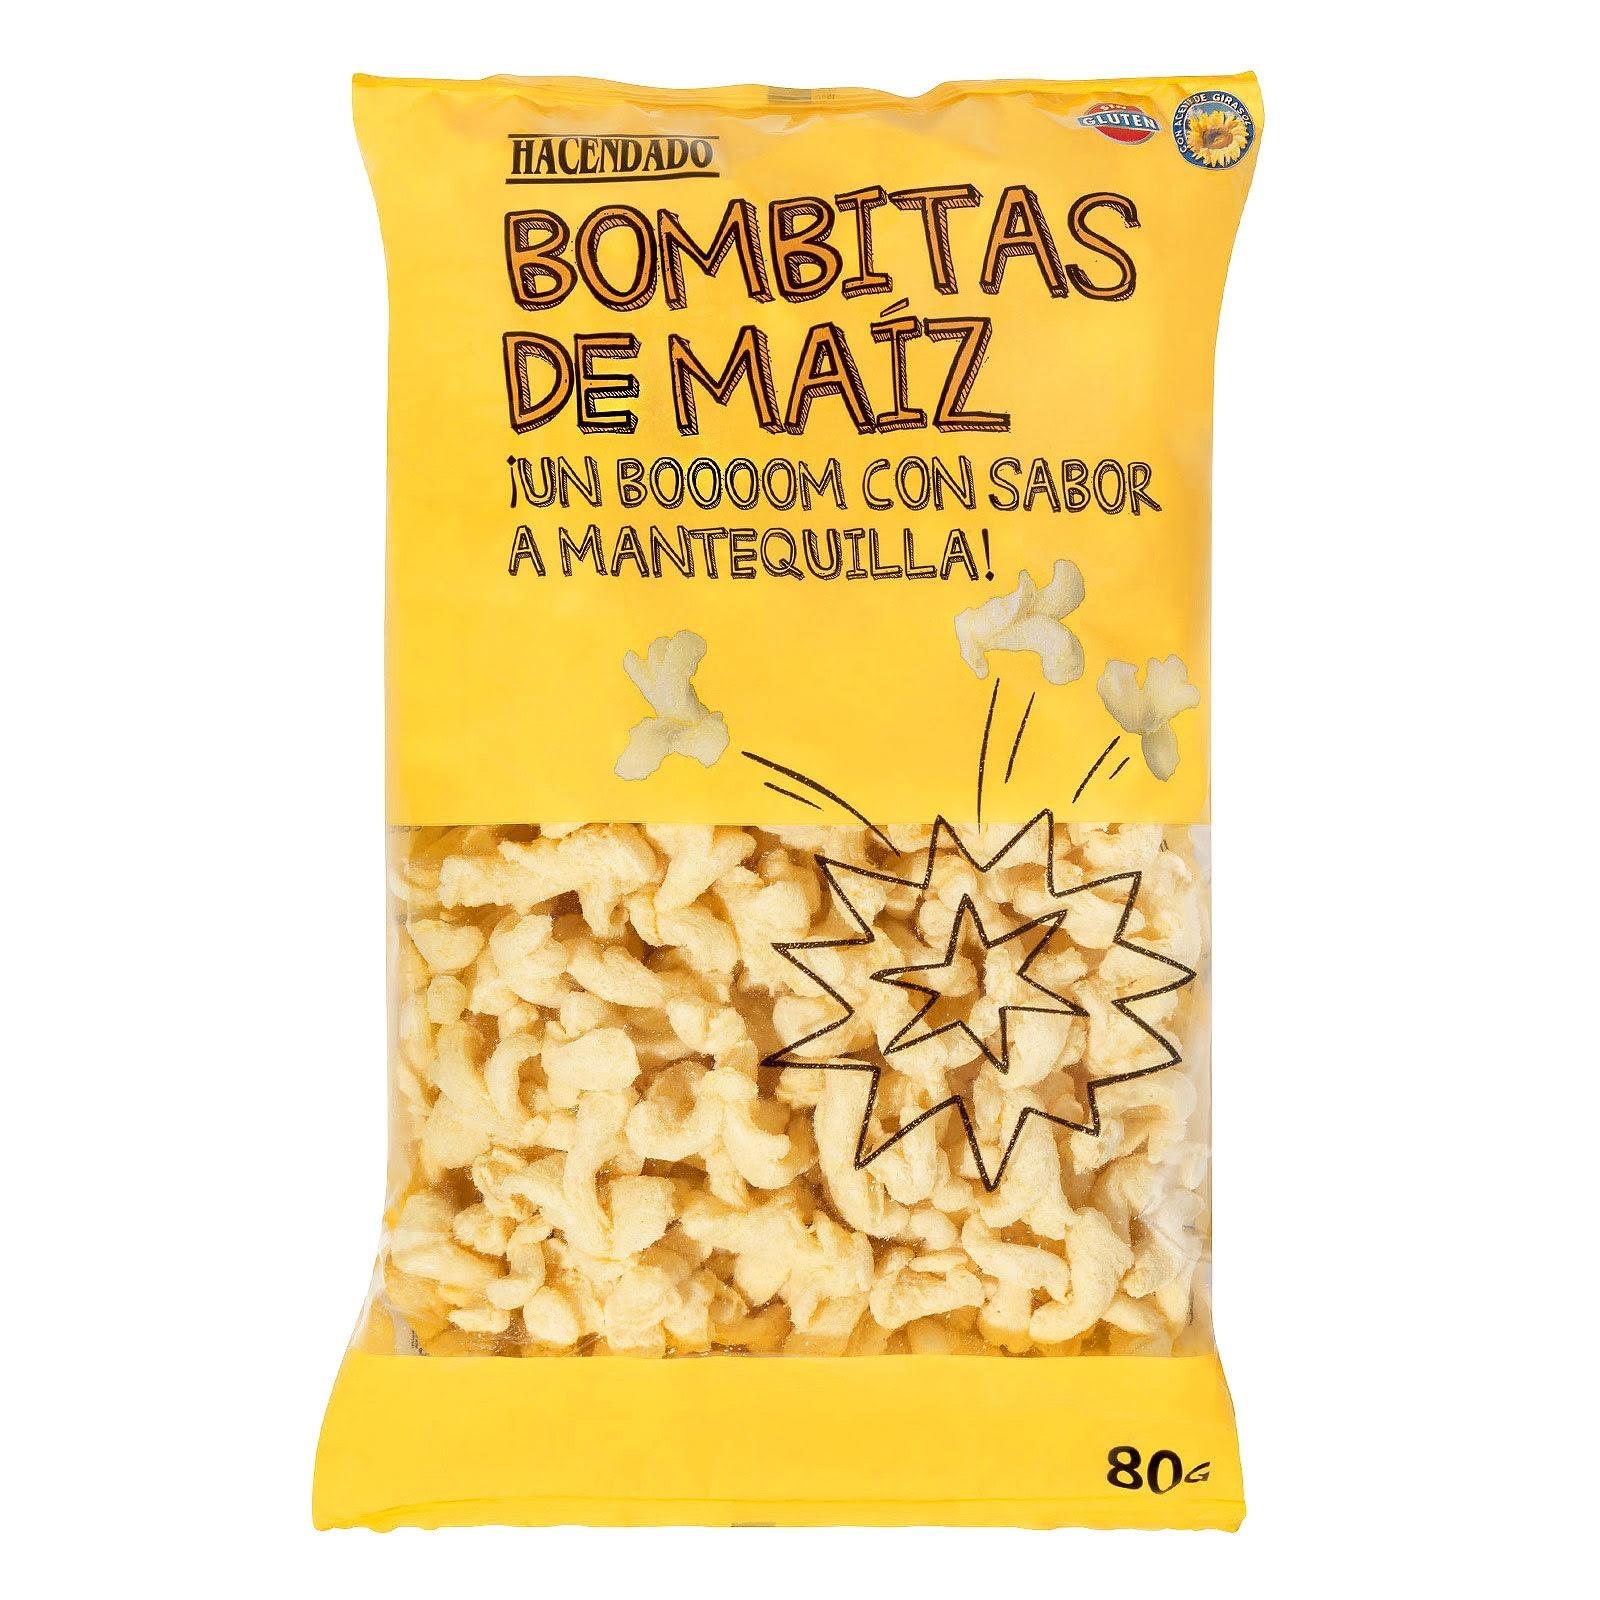 Bombitas de maíz sabor mantequilla Hacendado